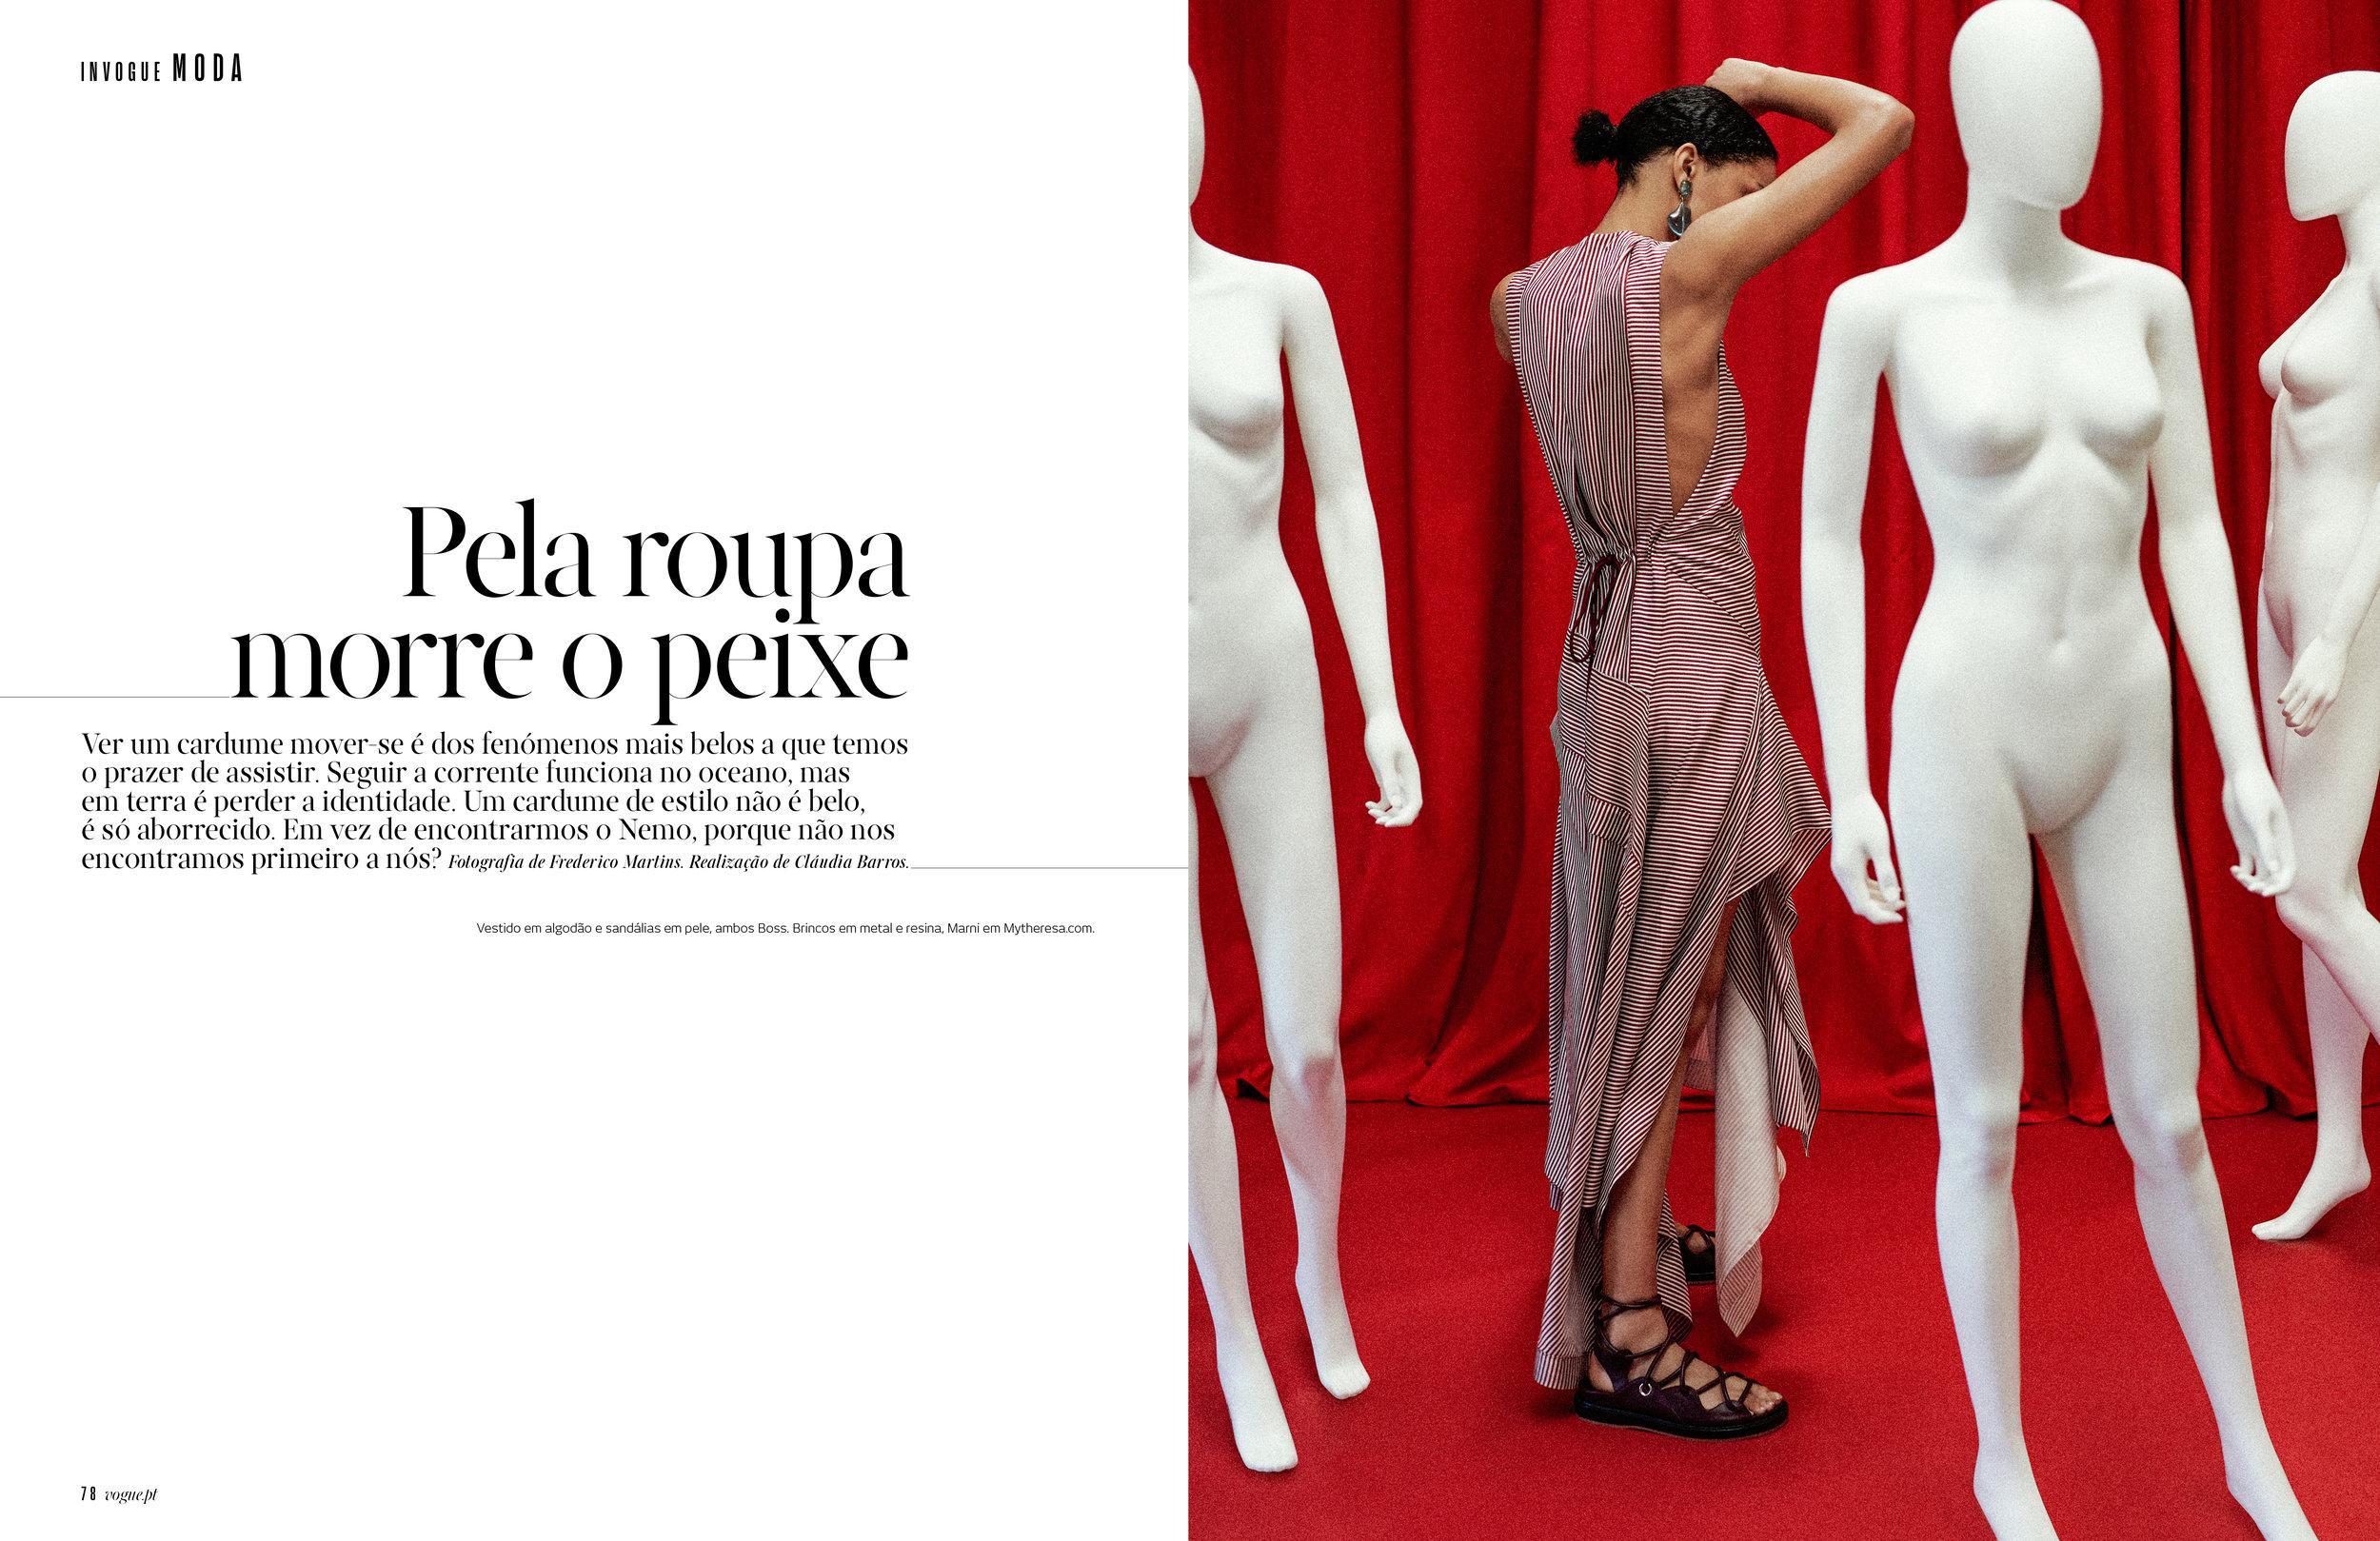 Vogue Portugal_Pela roupa morre o peixe_1.jpg